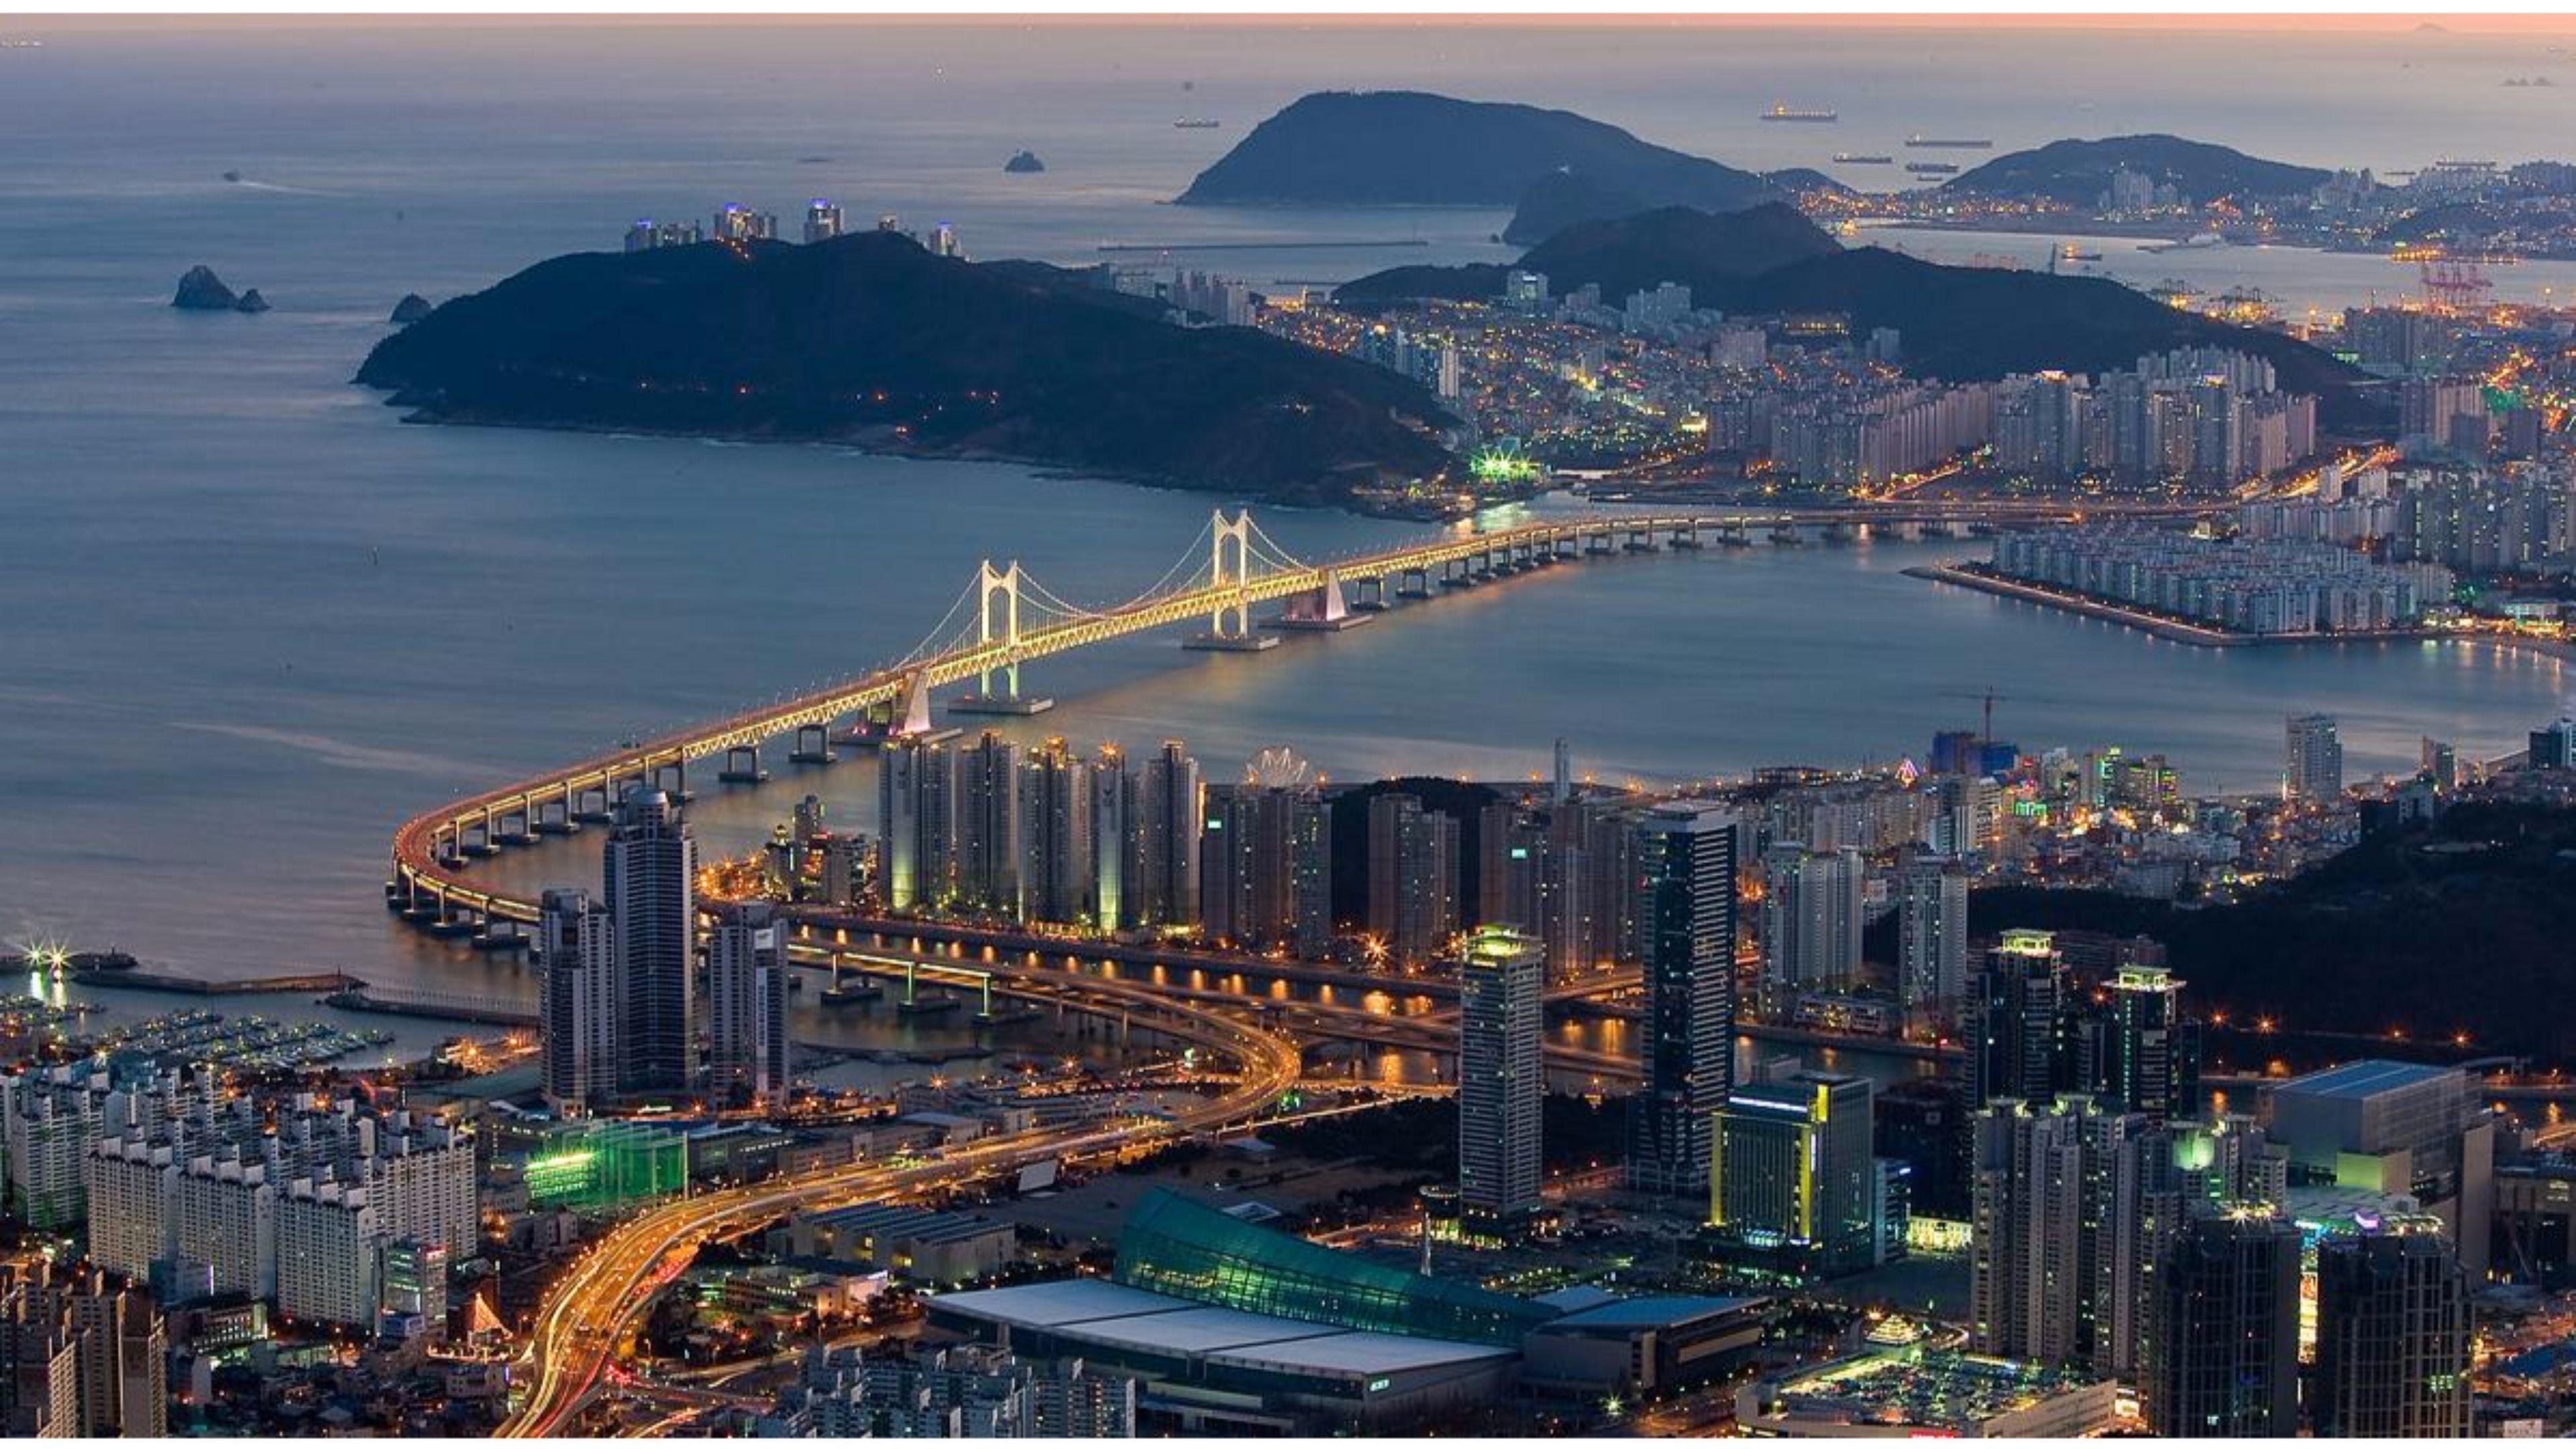 Korean Aesthetic Desktop Wallpapers - Top Free Korean ...